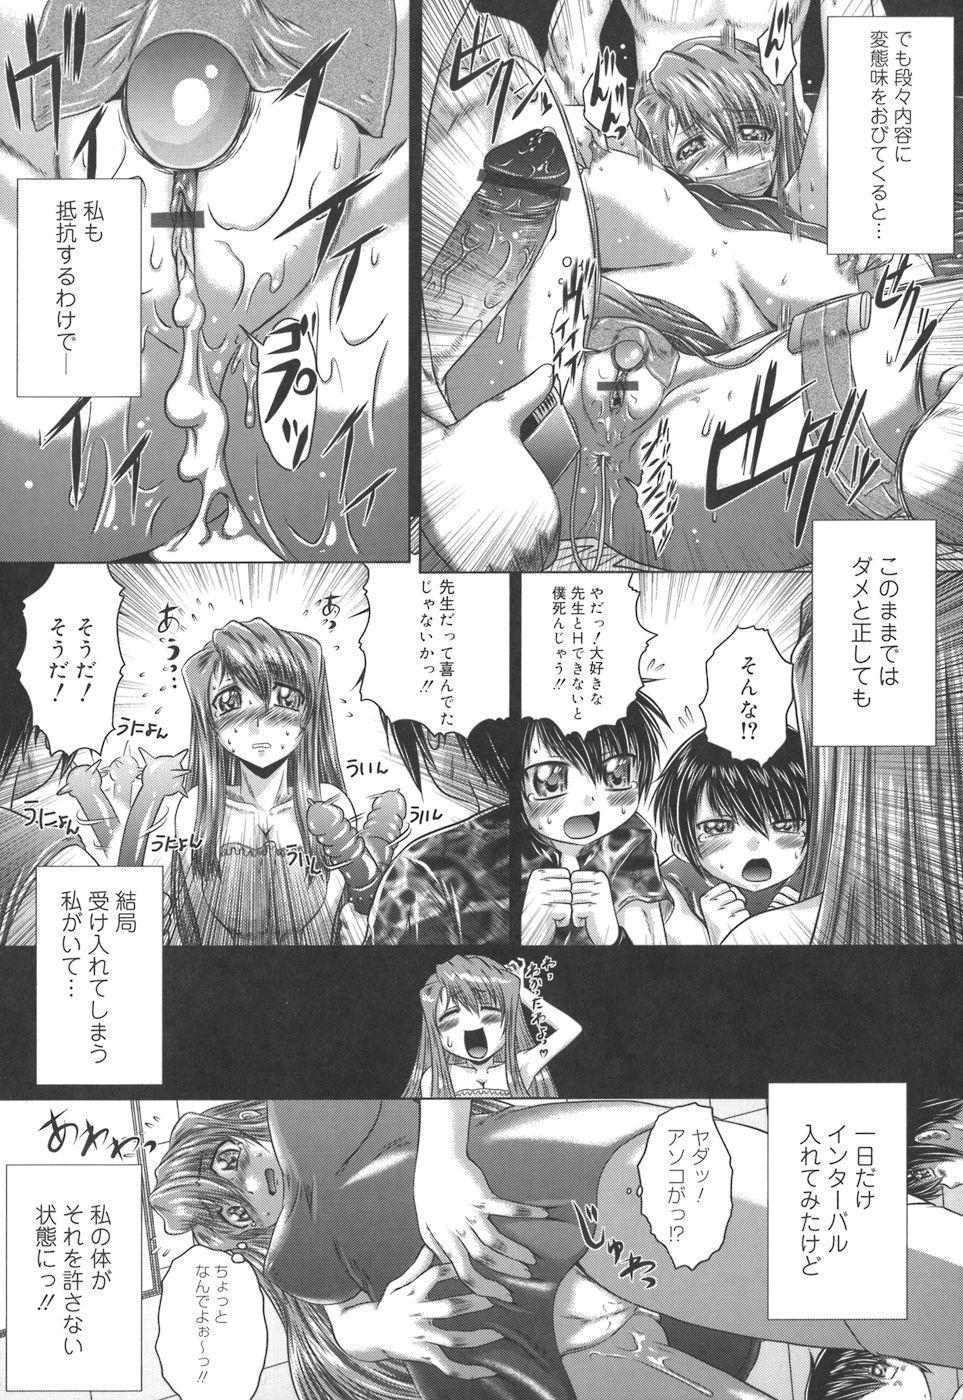 Iroka no Himitsu 37